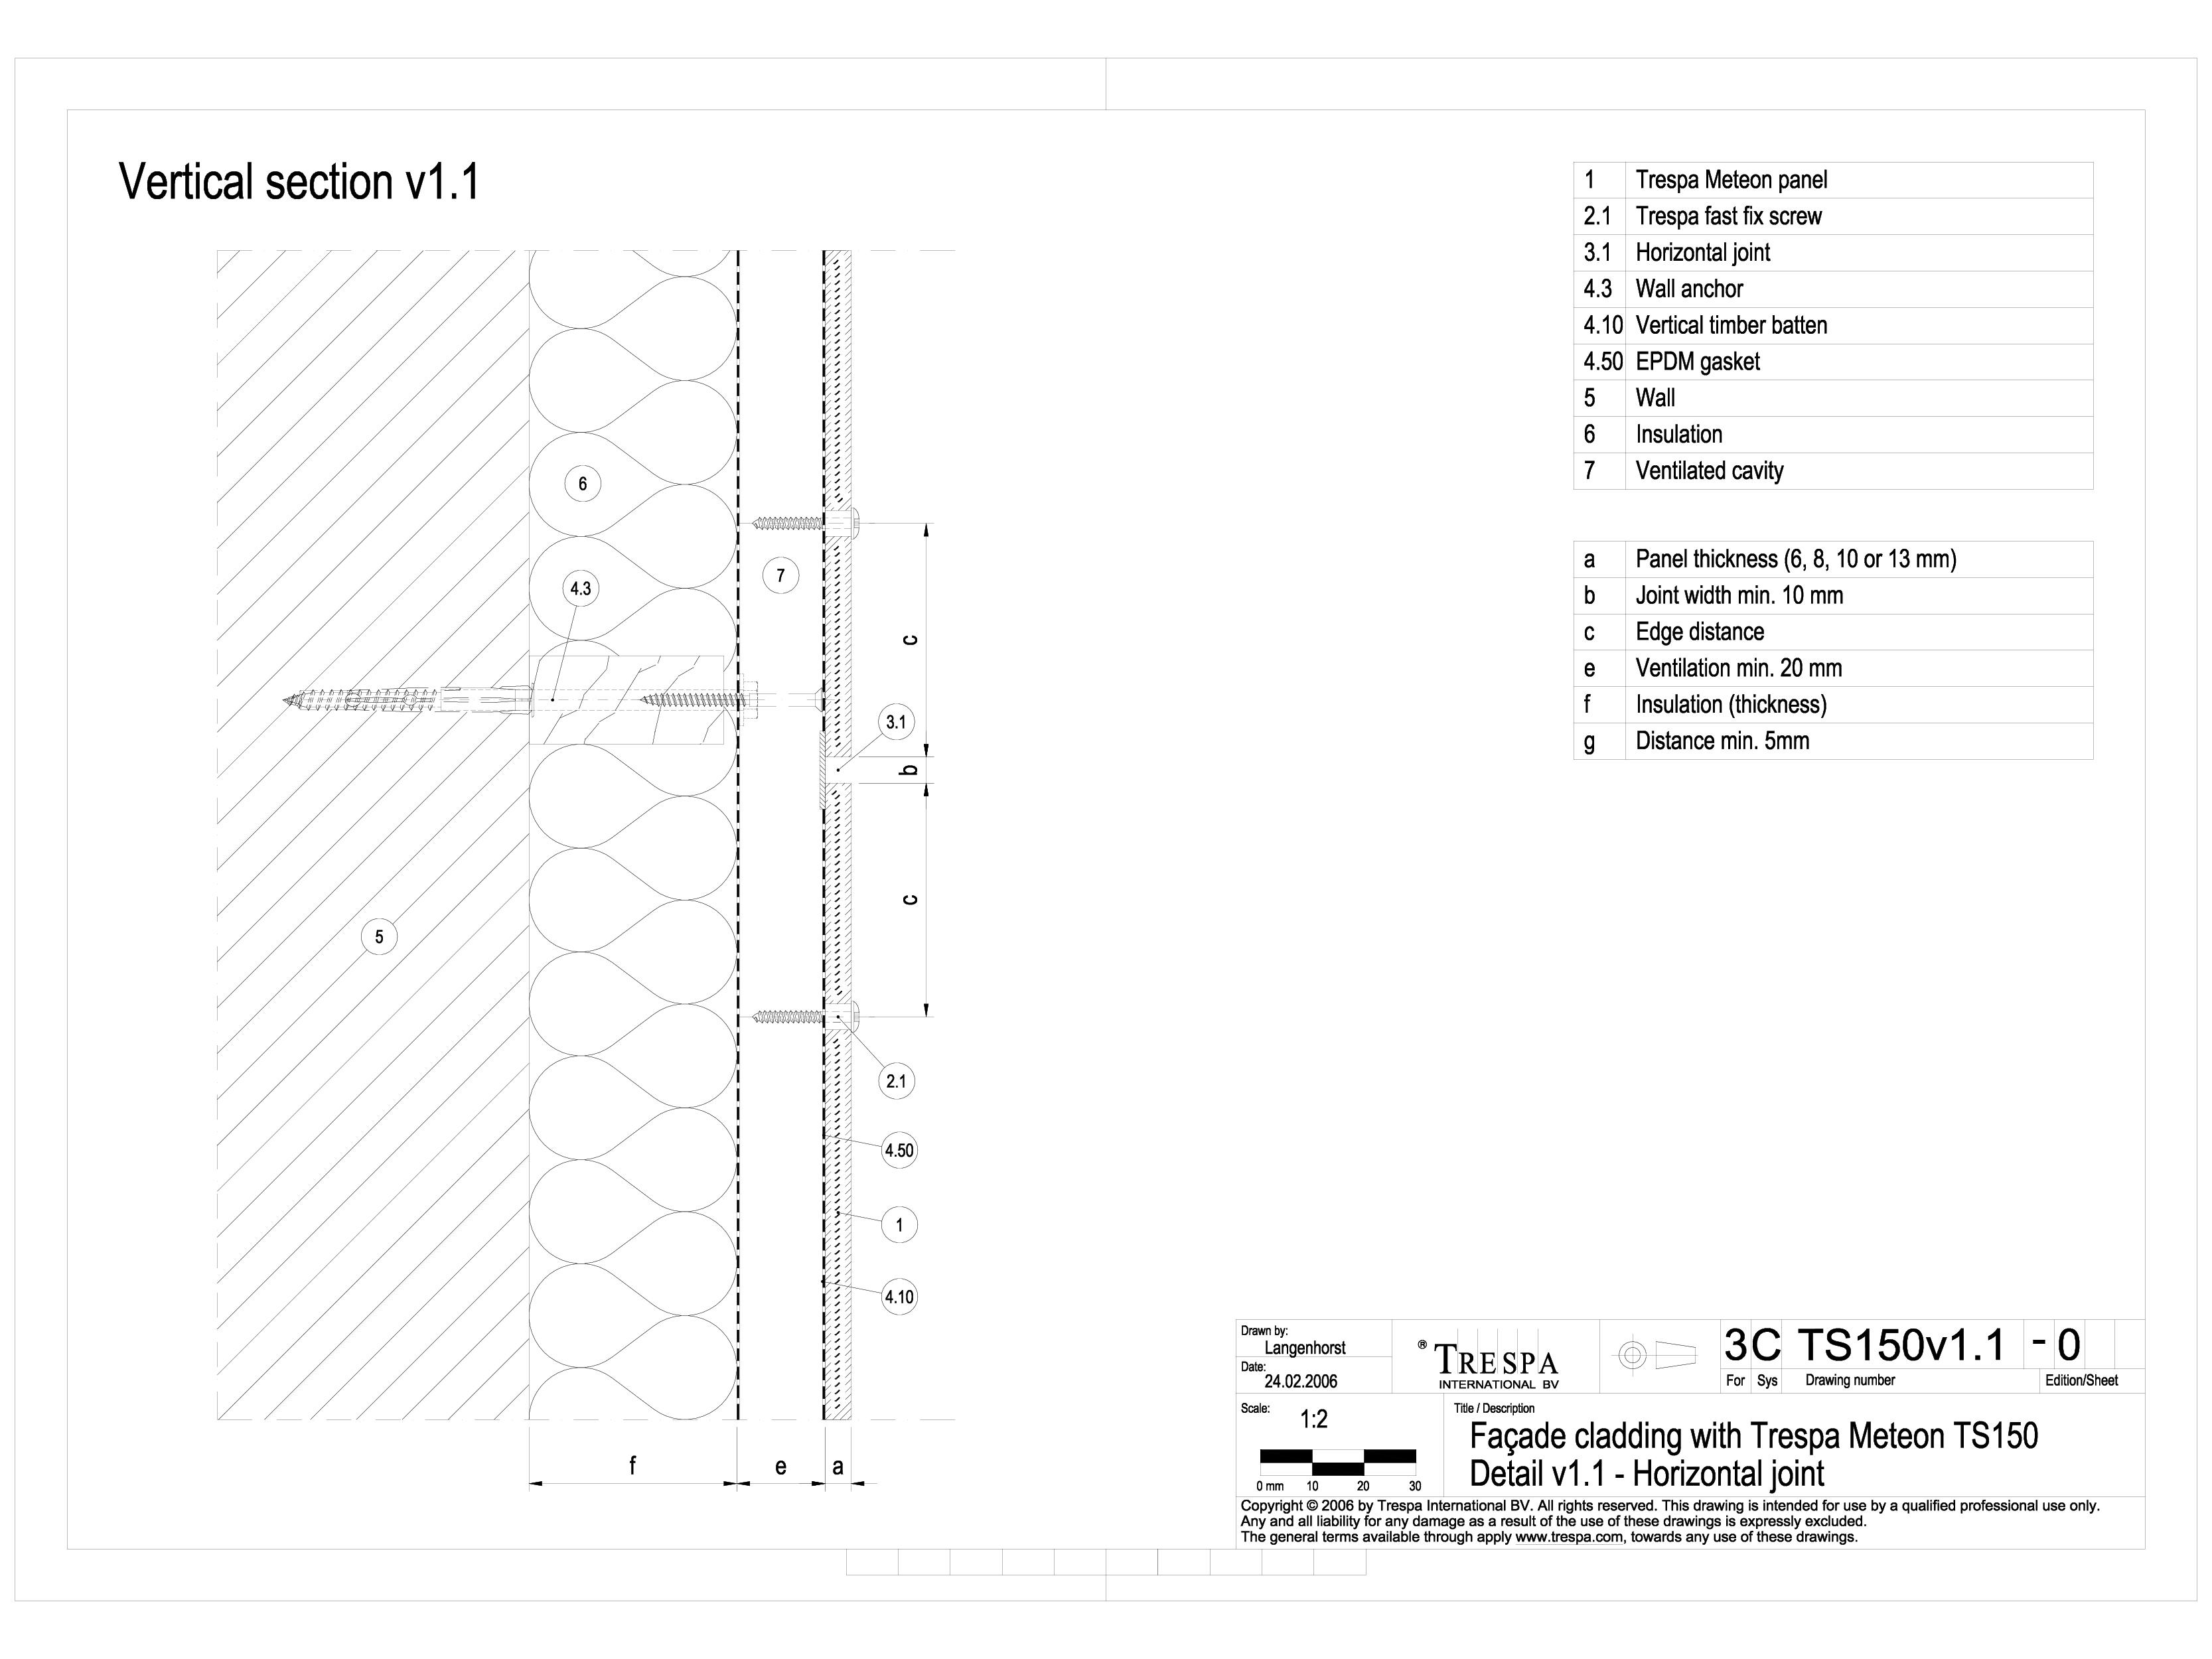 Sisteme de prindere fatade ventilate invizibile cu suruburi si cadru din lemn, detaliu de imbinare pe orizontala METEON TRESPA Placi HPL pentru fatade ventilate GIBB TECHNOLOGIES  - Pagina 1